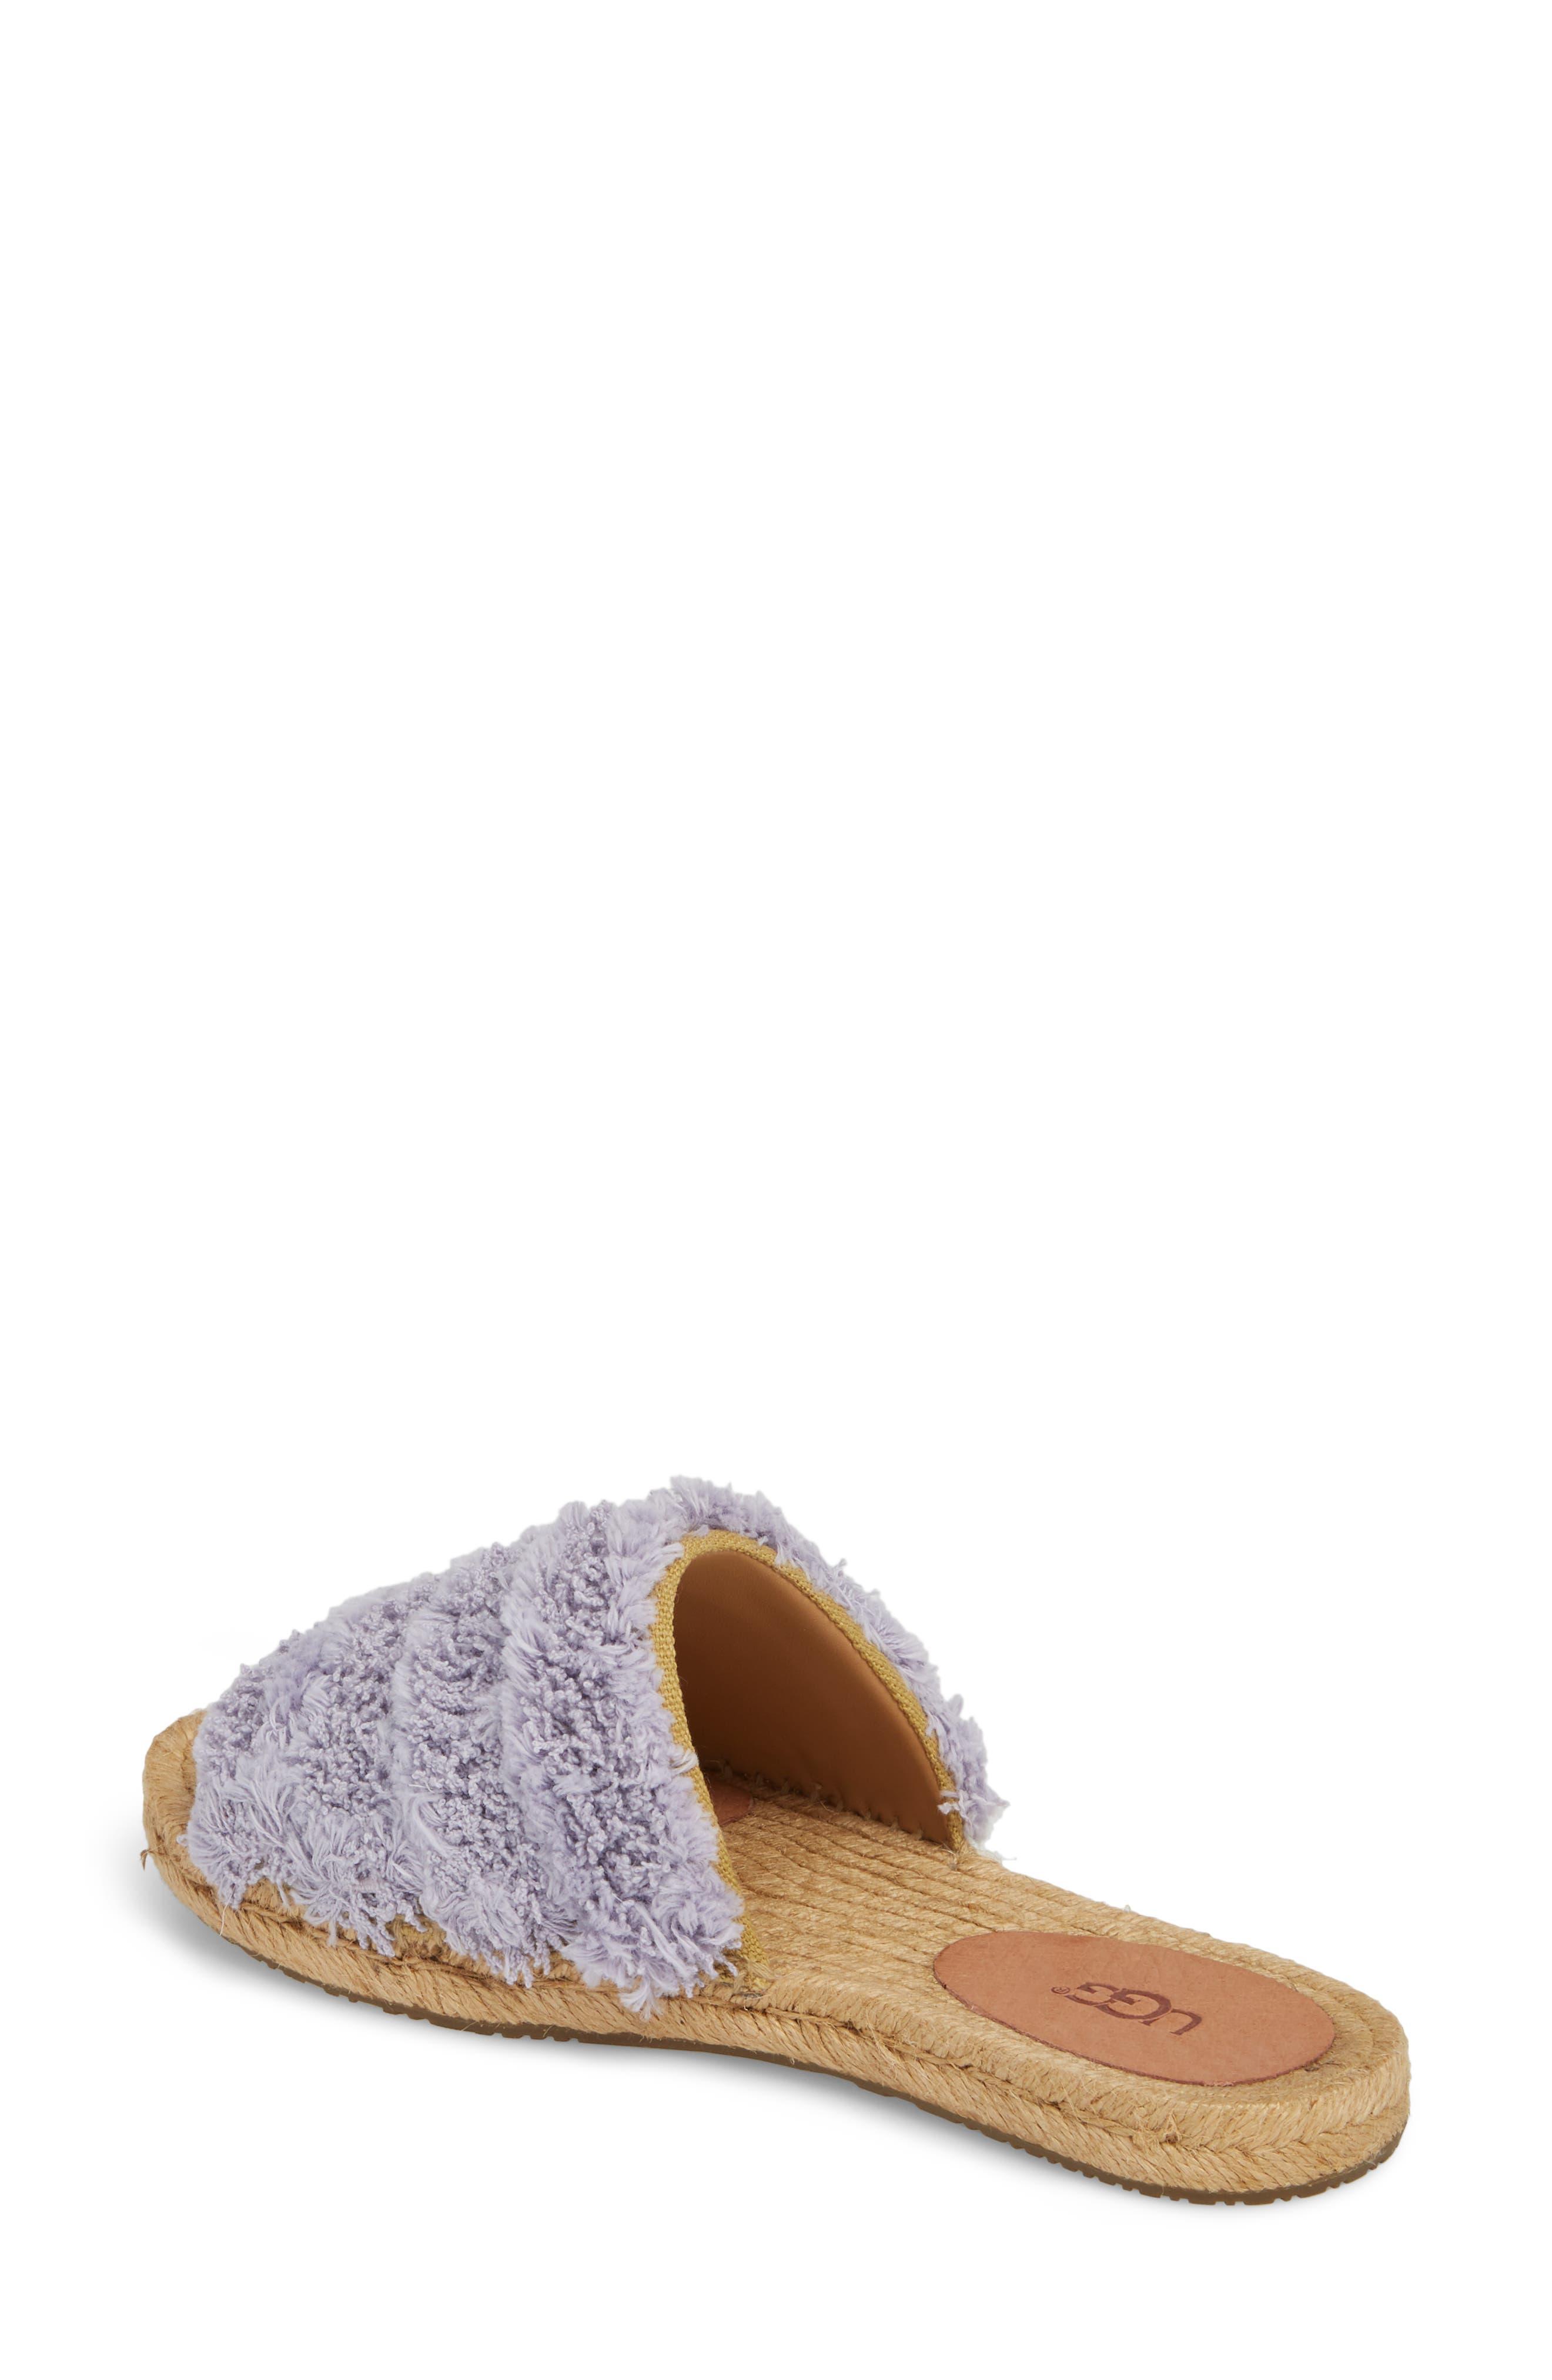 Edith Slide Sandal,                             Alternate thumbnail 2, color,                             Lavender Fog